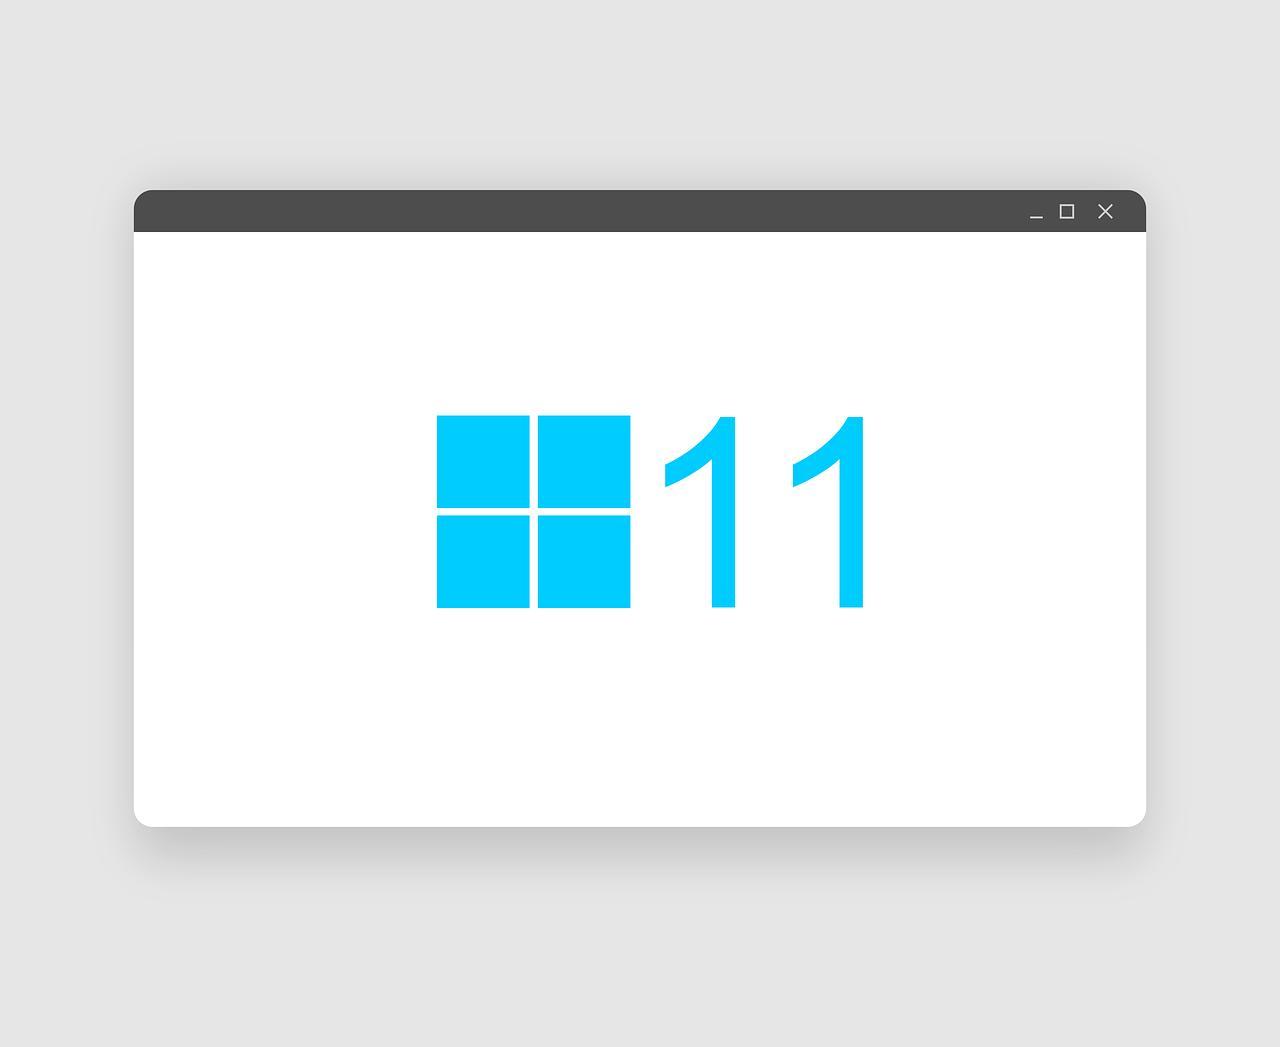 Лишь 38% пользователей знают о существовании Windows 11